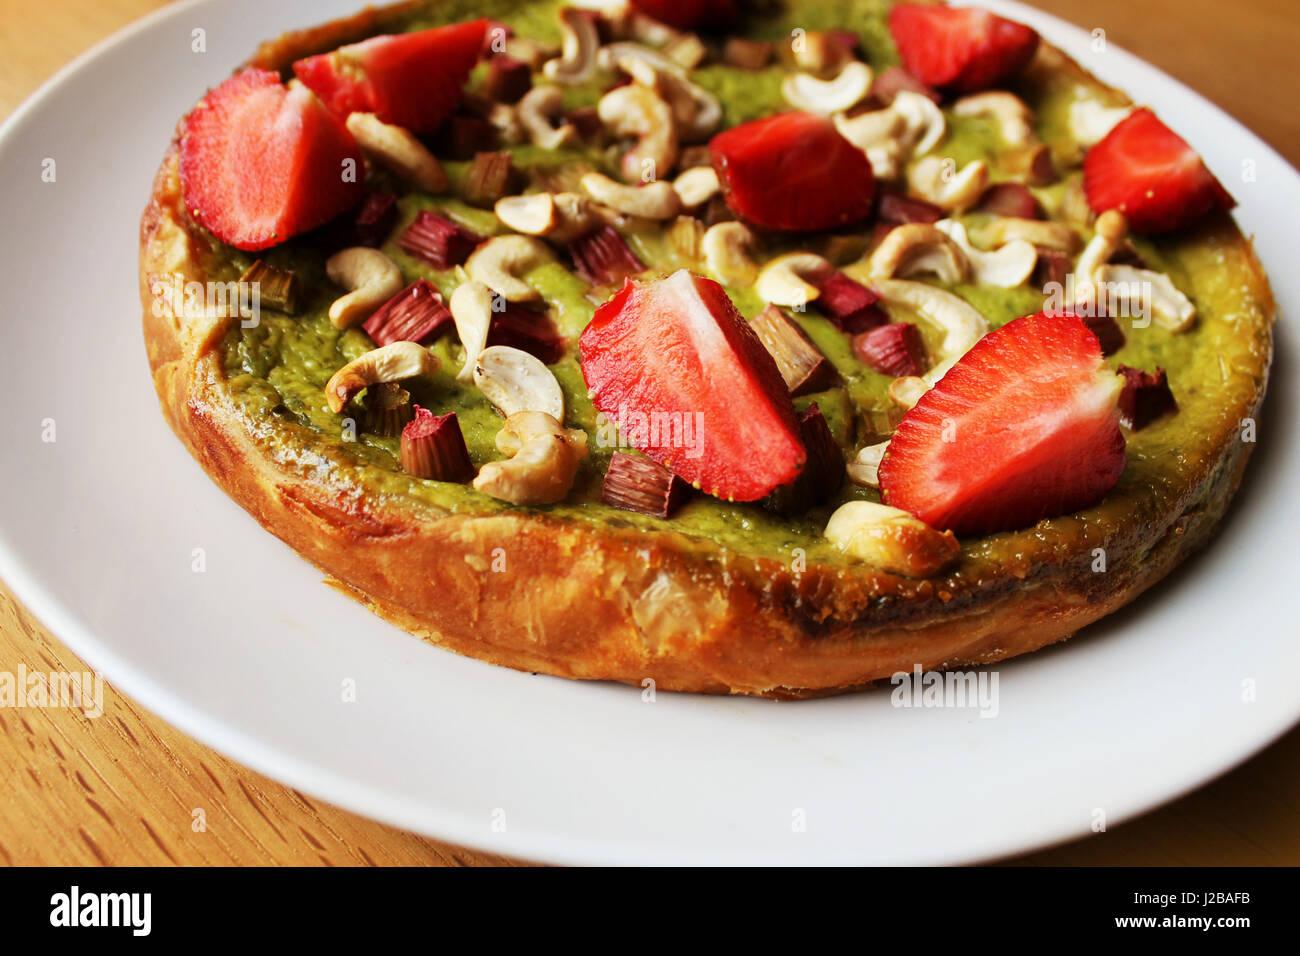 Tè verde Matcha torta con fragole e rabarbaro, noci di acagiù Immagini Stock